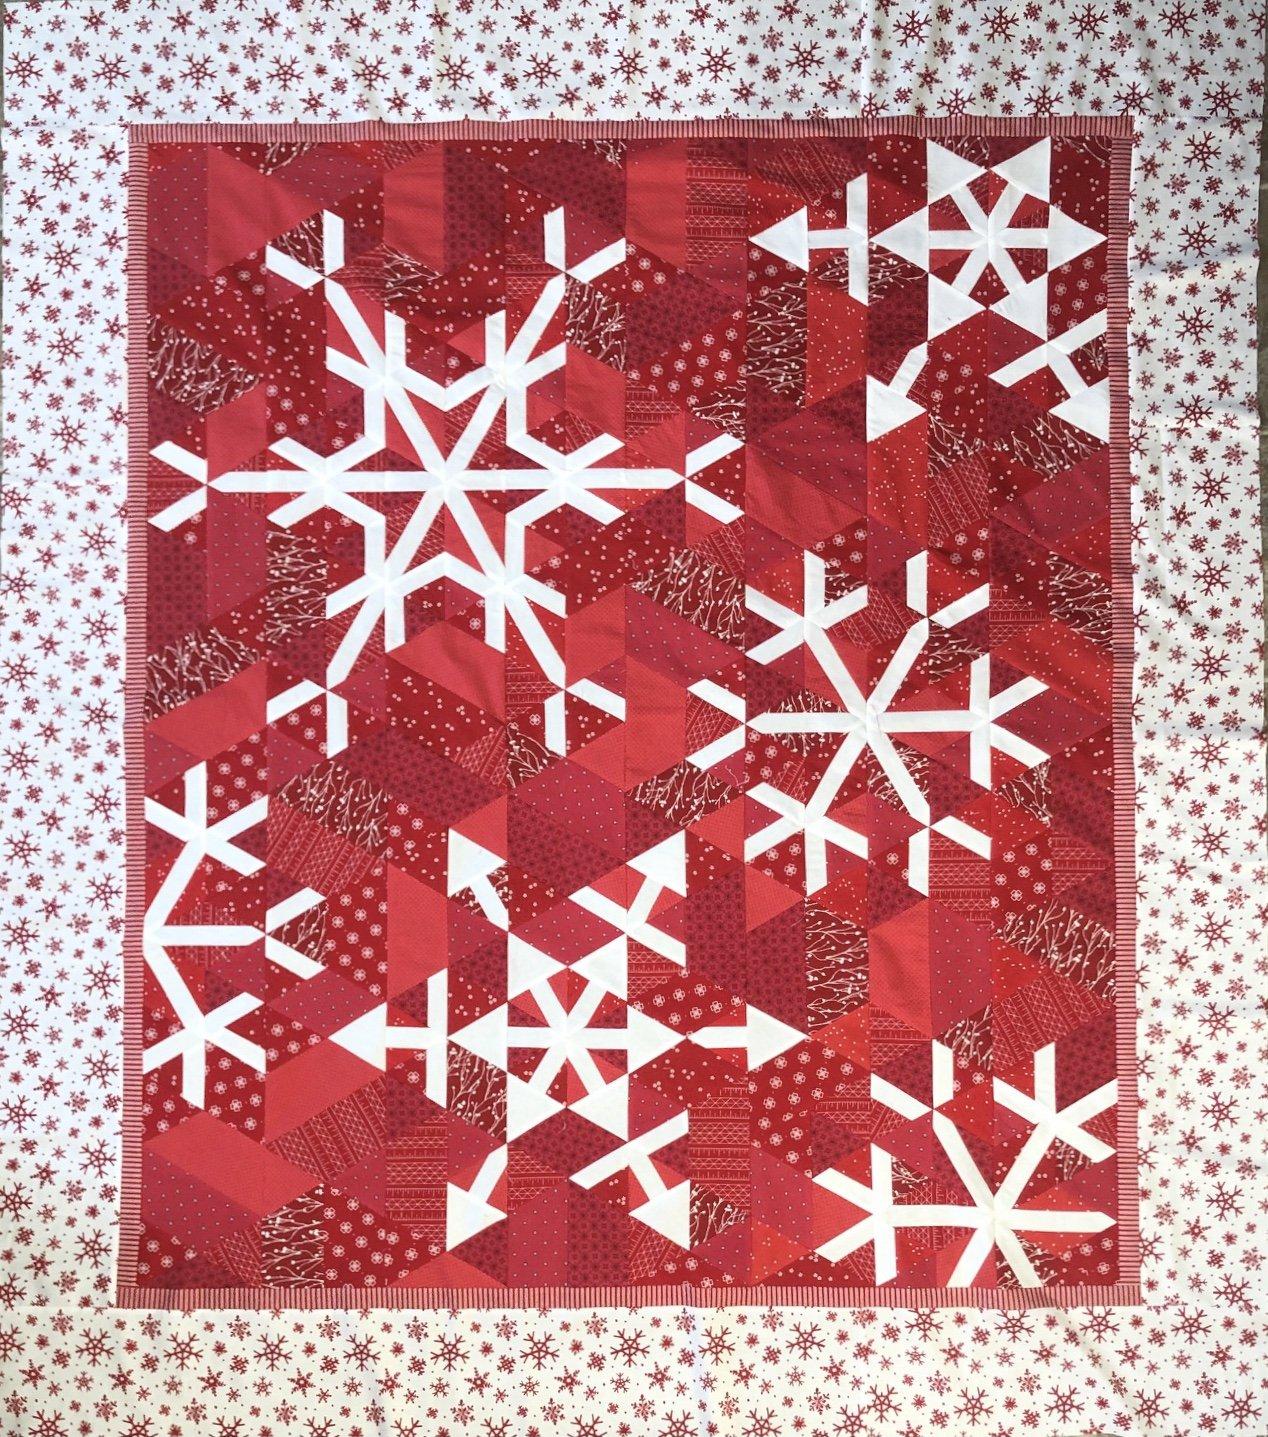 Christmas Blizzard Quilt Kit